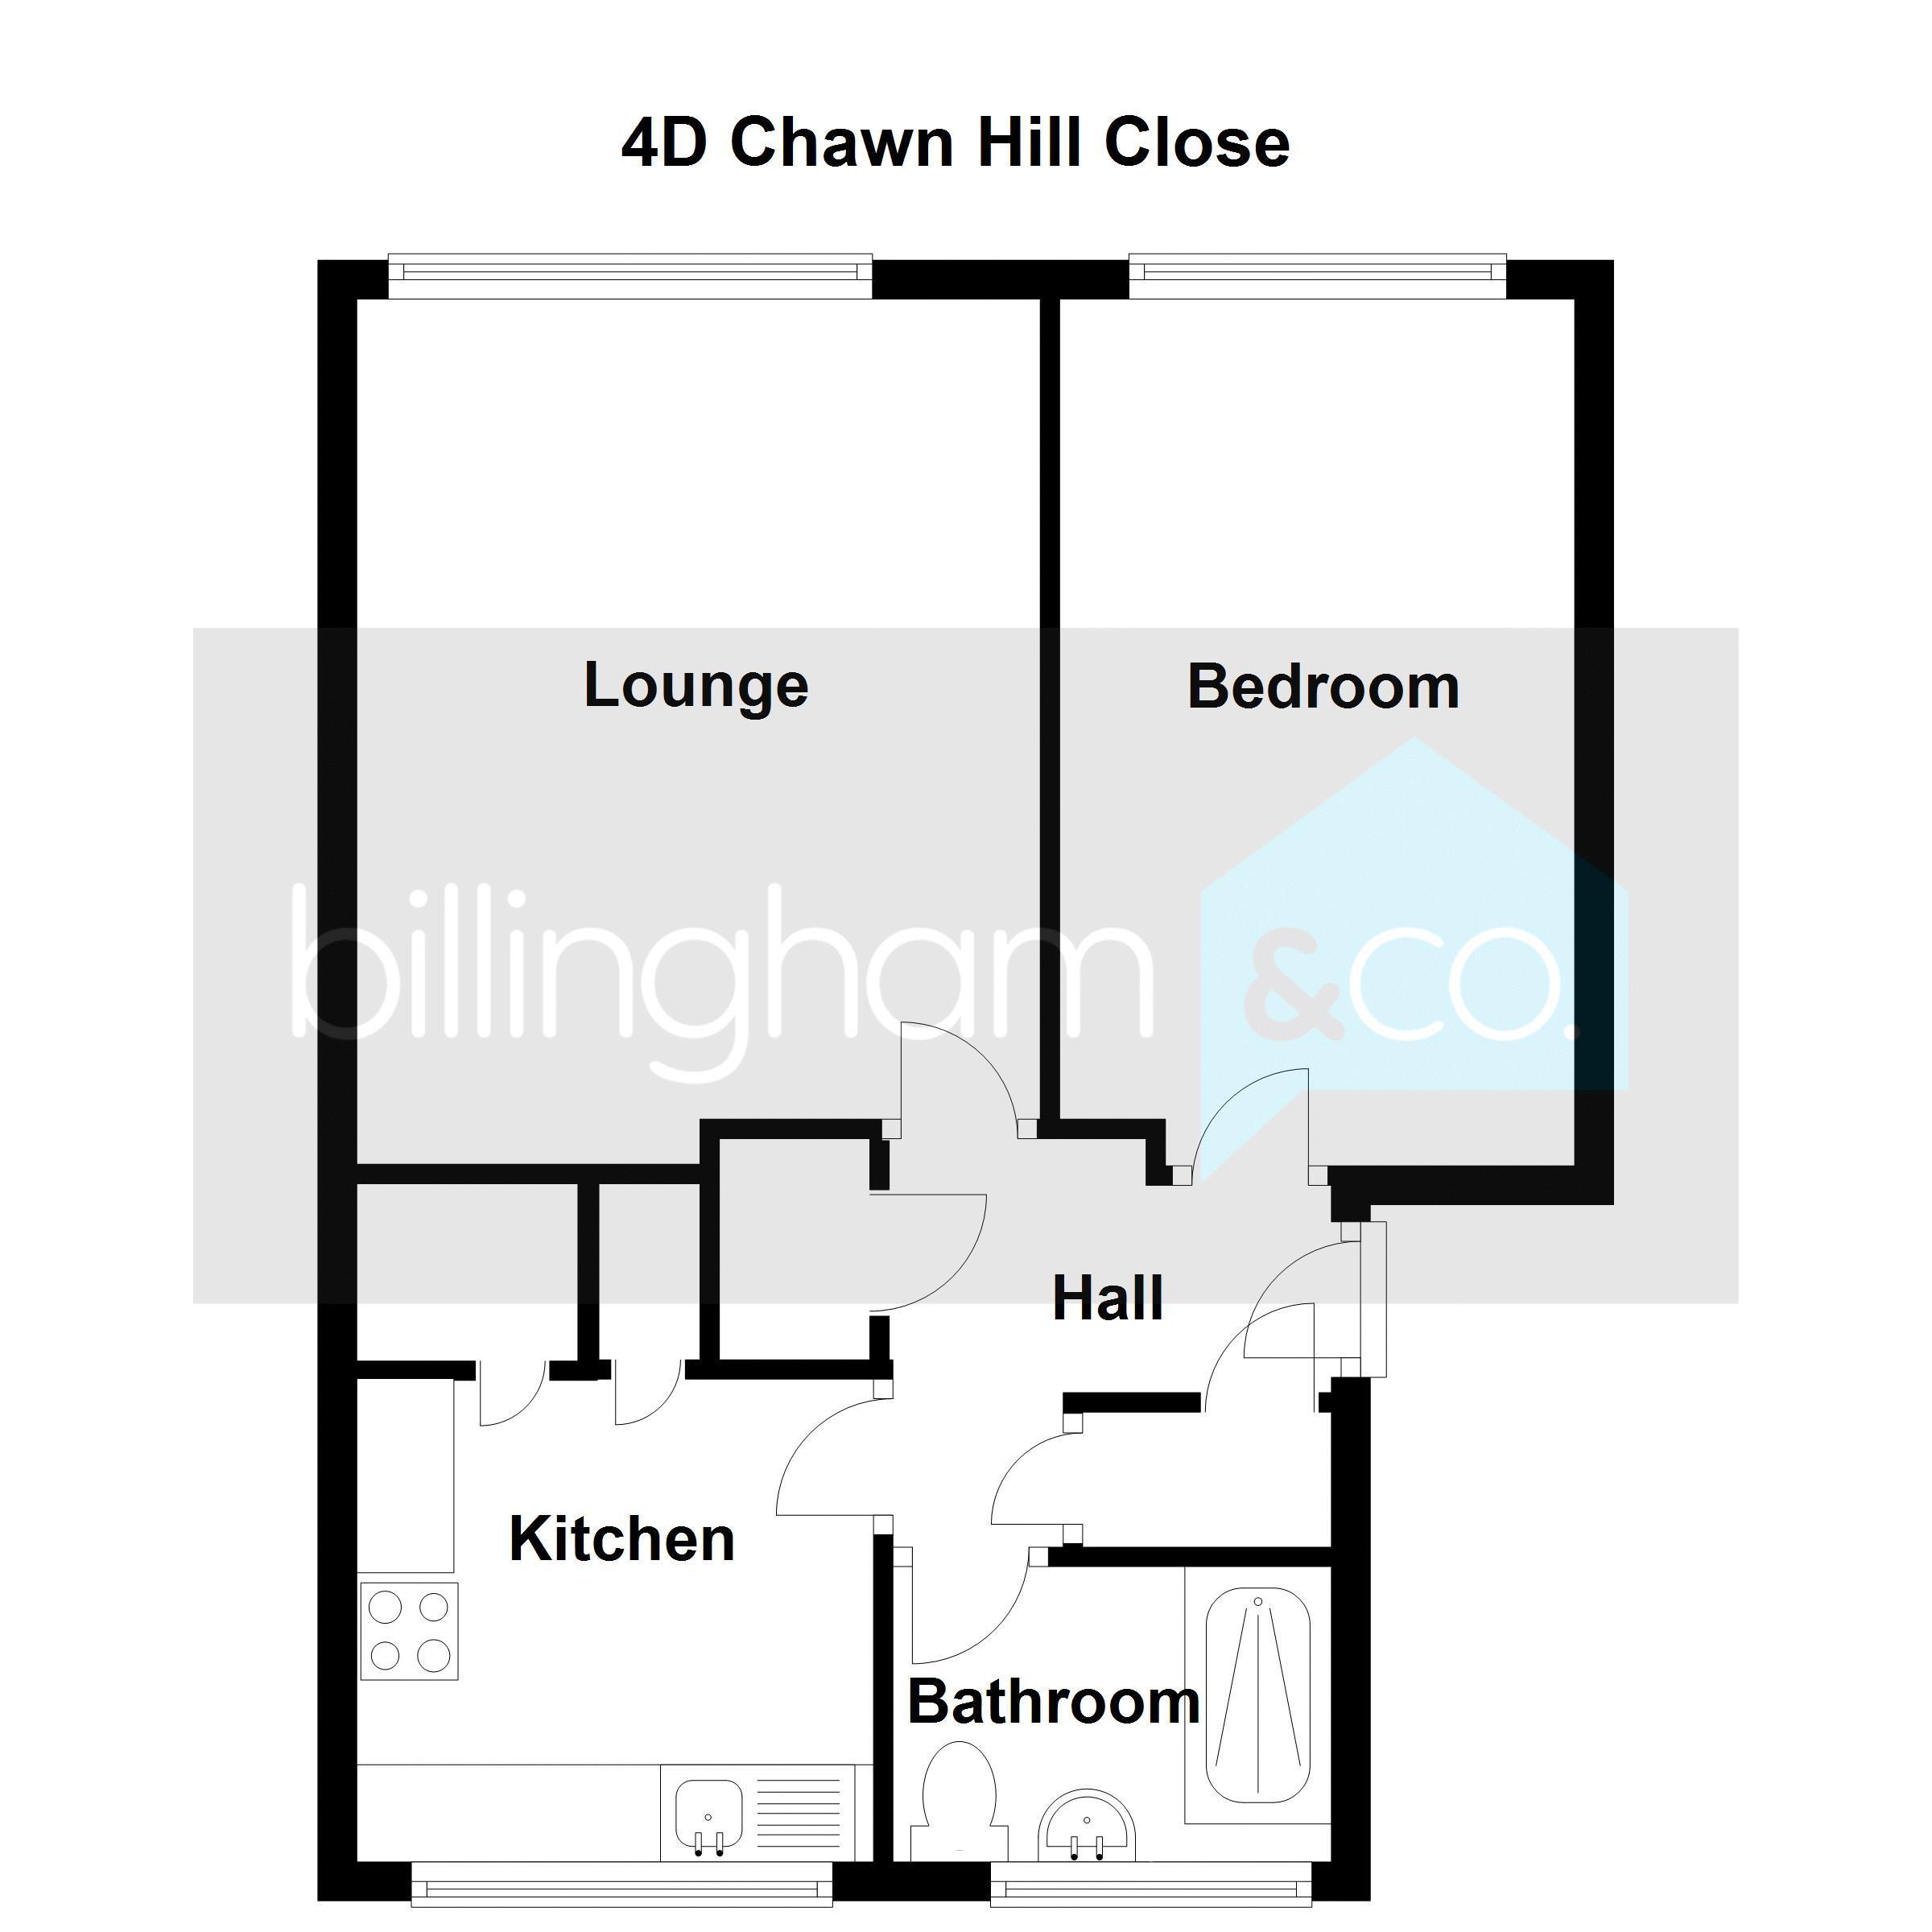 Chawn Hill Close